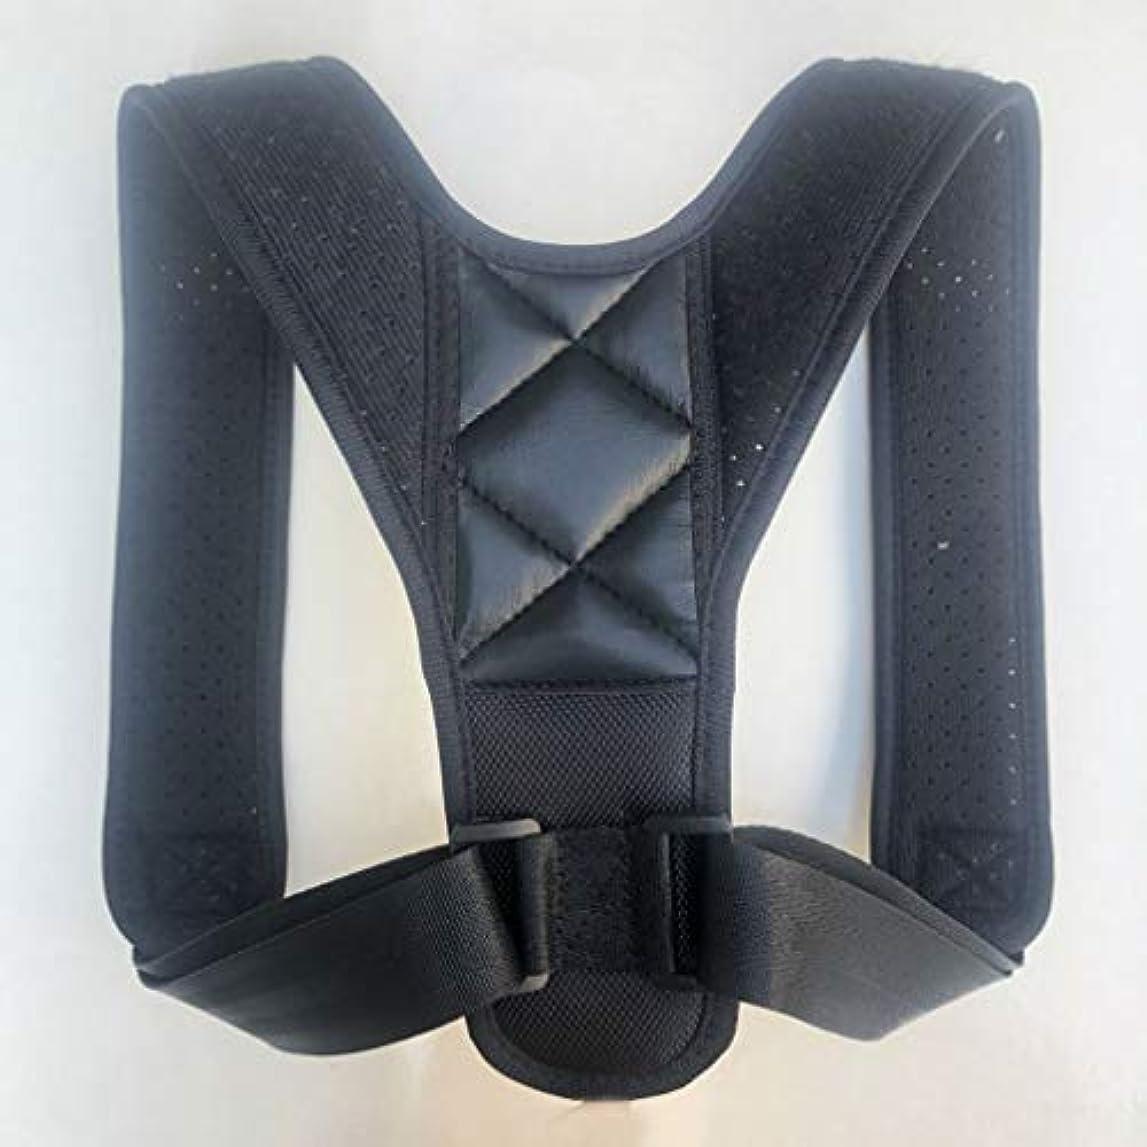 無実可愛い工場Upper Back Posture Corrector Posture Clavicle Support Corrector Back Straight Shoulders Brace Strap Corrector